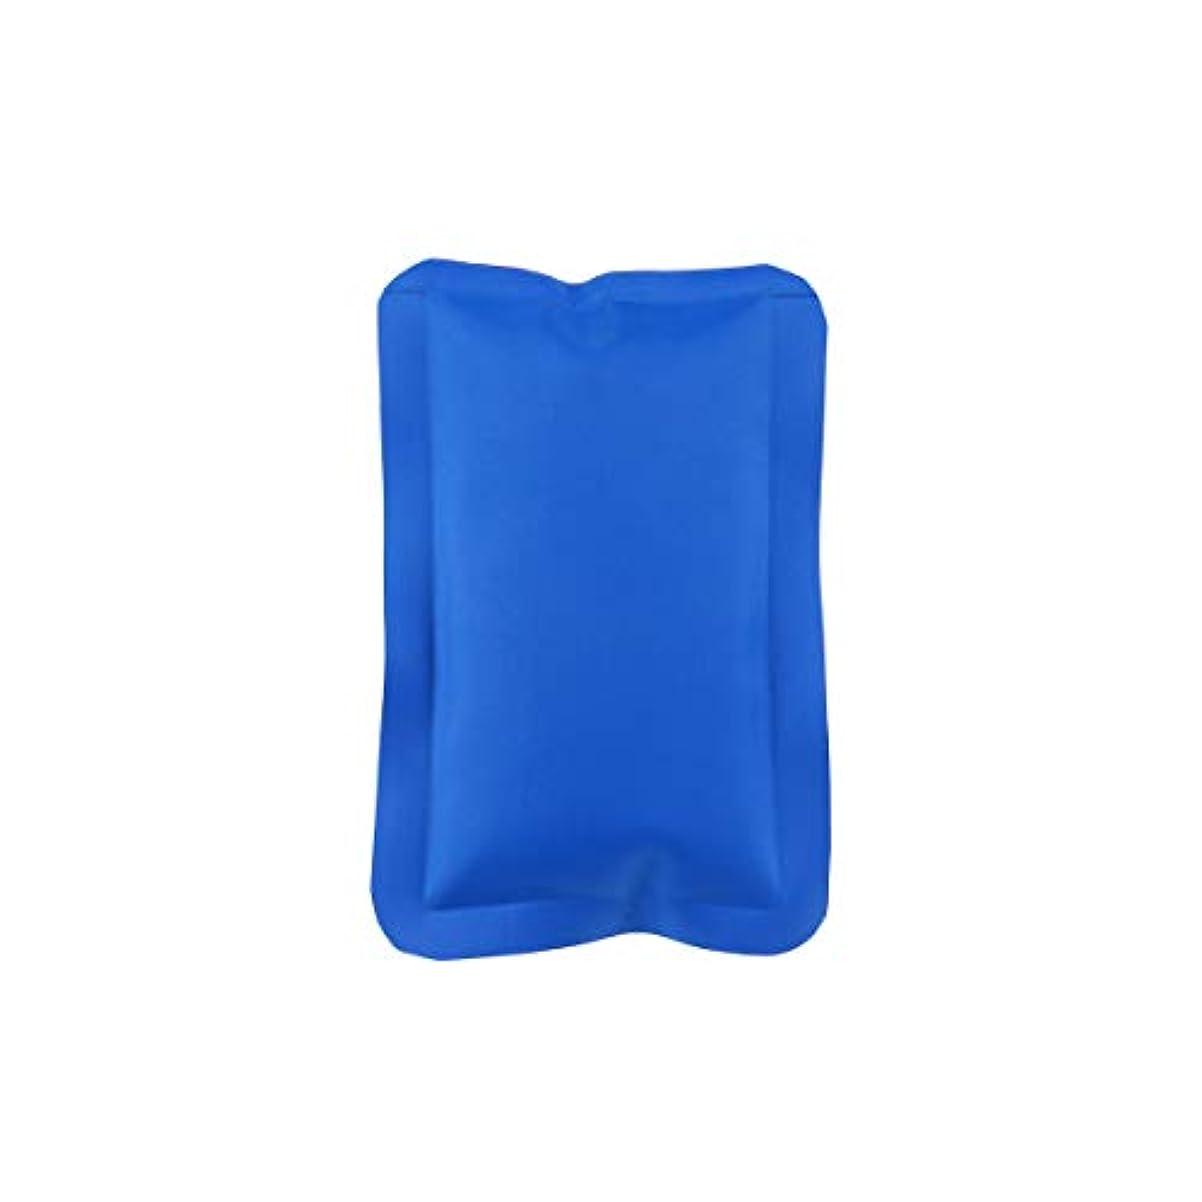 結婚する指定する爆発物HEALLILY 150ML再利用可能なホット&コールドジェルパック(コンプレッションラップスポーツ傷害)ジェルアイスパック多目的ヒートパック(マッスルリリーフ用、16x10x1cm、ブルー)